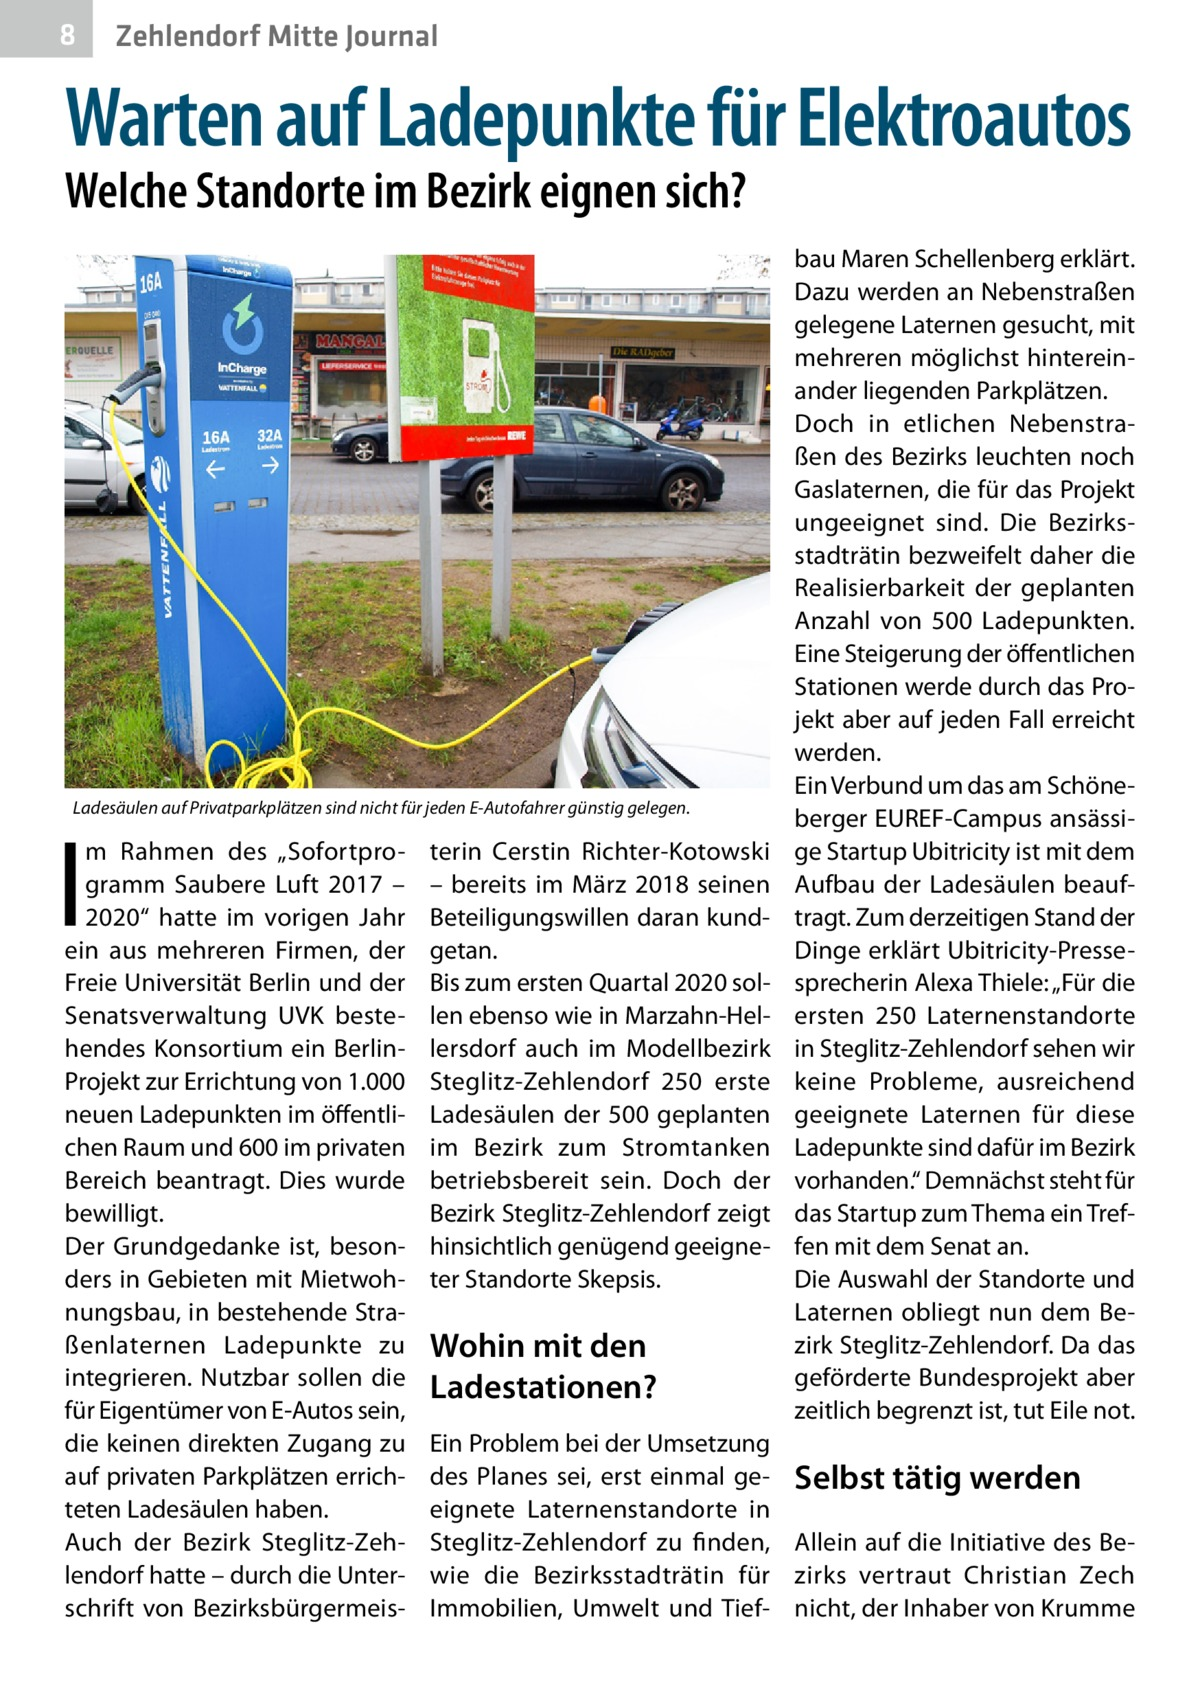 """8  Zehlendorf Mitte Journal  Warten auf Ladepunkte für Elektroautos Welche Standorte im Bezirk eignen sich?  Ladesäulen auf Privatparkplätzen sind nicht für jeden E-Autofahrer günstig gelegen.  I  m Rahmen des """"Sofortprogramm Saubere Luft 2017 – 2020"""" hatte im vorigen Jahr ein aus mehreren Firmen, der Freie Universität Berlin und der Senatsverwaltung UVK bestehendes Konsortium ein BerlinProjekt zur Errichtung von 1.000 neuen Ladepunkten im öffentlichen Raum und 600 im privaten Bereich beantragt. Dies wurde bewilligt. Der Grundgedanke ist, besonders in Gebieten mit Mietwohnungsbau, in bestehende Straßenlaternen Ladepunkte zu integrieren. Nutzbar sollen die für Eigentümer von E-Autos sein, die keinen direkten Zugang zu auf privaten Parkplätzen errichteten Ladesäulen haben. Auch der Bezirk Steglitz-Zehlendorf hatte – durch die Unterschrift von Bezirksbürgermeis terin Cerstin Richter-Kotowski – bereits im März 2018 seinen Beteiligungswillen daran kundgetan. Bis zum ersten Quartal 2020 sollen ebenso wie in Marzahn-Hellersdorf auch im Modellbezirk Steglitz-Zehlendorf 250 erste Ladesäulen der 500 geplanten im Bezirk zum Stromtanken betriebsbereit sein. Doch der Bezirk Steglitz-Zehlendorf zeigt hinsichtlich genügend geeigneter Standorte Skepsis.  Wohin mit den Ladestationen?  bau Maren Schellenberg erklärt. Dazu werden an Nebenstraßen gelegene Laternen gesucht, mit mehreren möglichst hintereinander liegenden Parkplätzen. Doch in etlichen Nebenstraßen des Bezirks leuchten noch Gaslaternen, die für das Projekt ungeeignet sind. Die Bezirksstadträtin bezweifelt daher die Realisierbarkeit der geplanten Anzahl von 500 Ladepunkten. Eine Steigerung der öffentlichen Stationen werde durch das Projekt aber auf jeden Fall erreicht werden. Ein Verbund um das am Schöneberger EUREF-Campus ansässige Startup Ubitricity ist mit dem Aufbau der Ladesäulen beauftragt. Zum derzeitigen Stand der Dinge erklärt Ubitricity-Pressesprecherin Alexa Thiele: """"Für die ersten 250 Laternenstandorte in Stegl"""